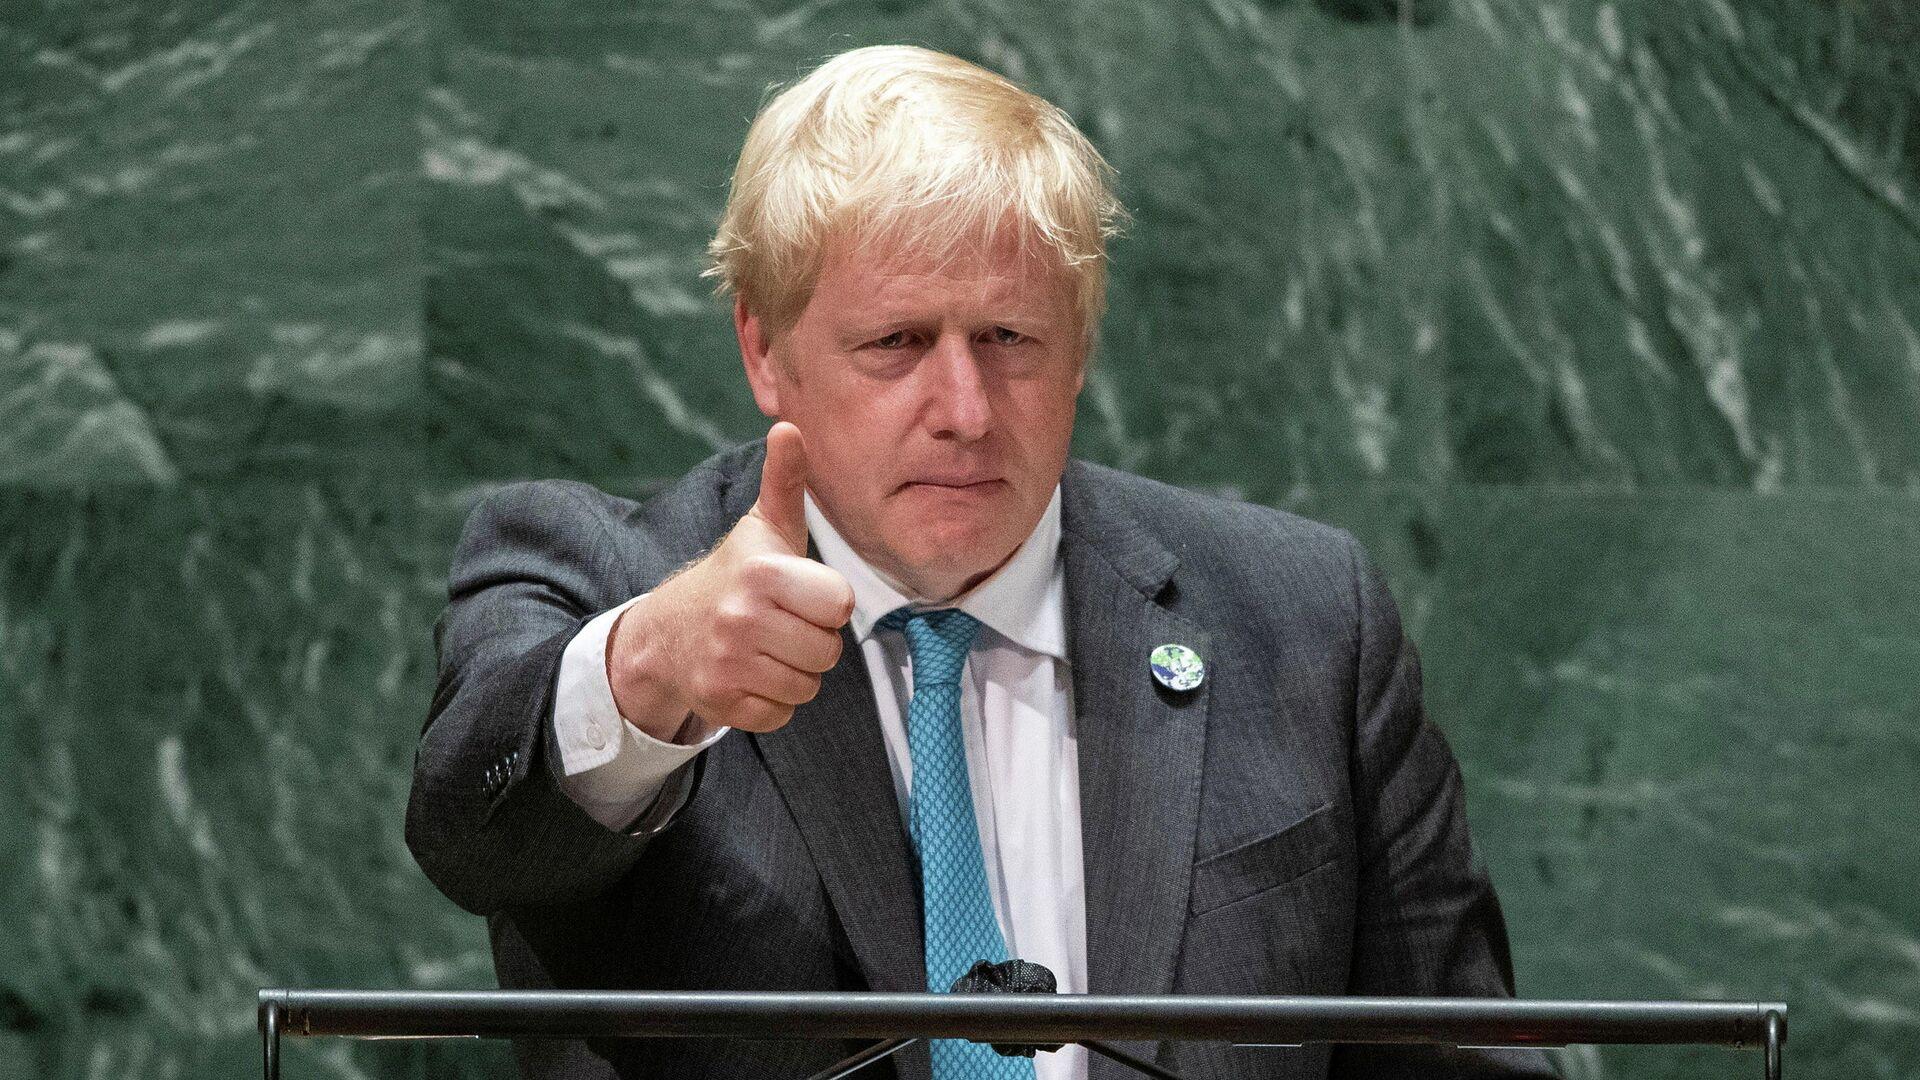 Премьер-министр Великобритании Борис Джонсон во время выступления на Генассамблее ООН в Нью-Йорке - РИА Новости, 1920, 23.09.2021